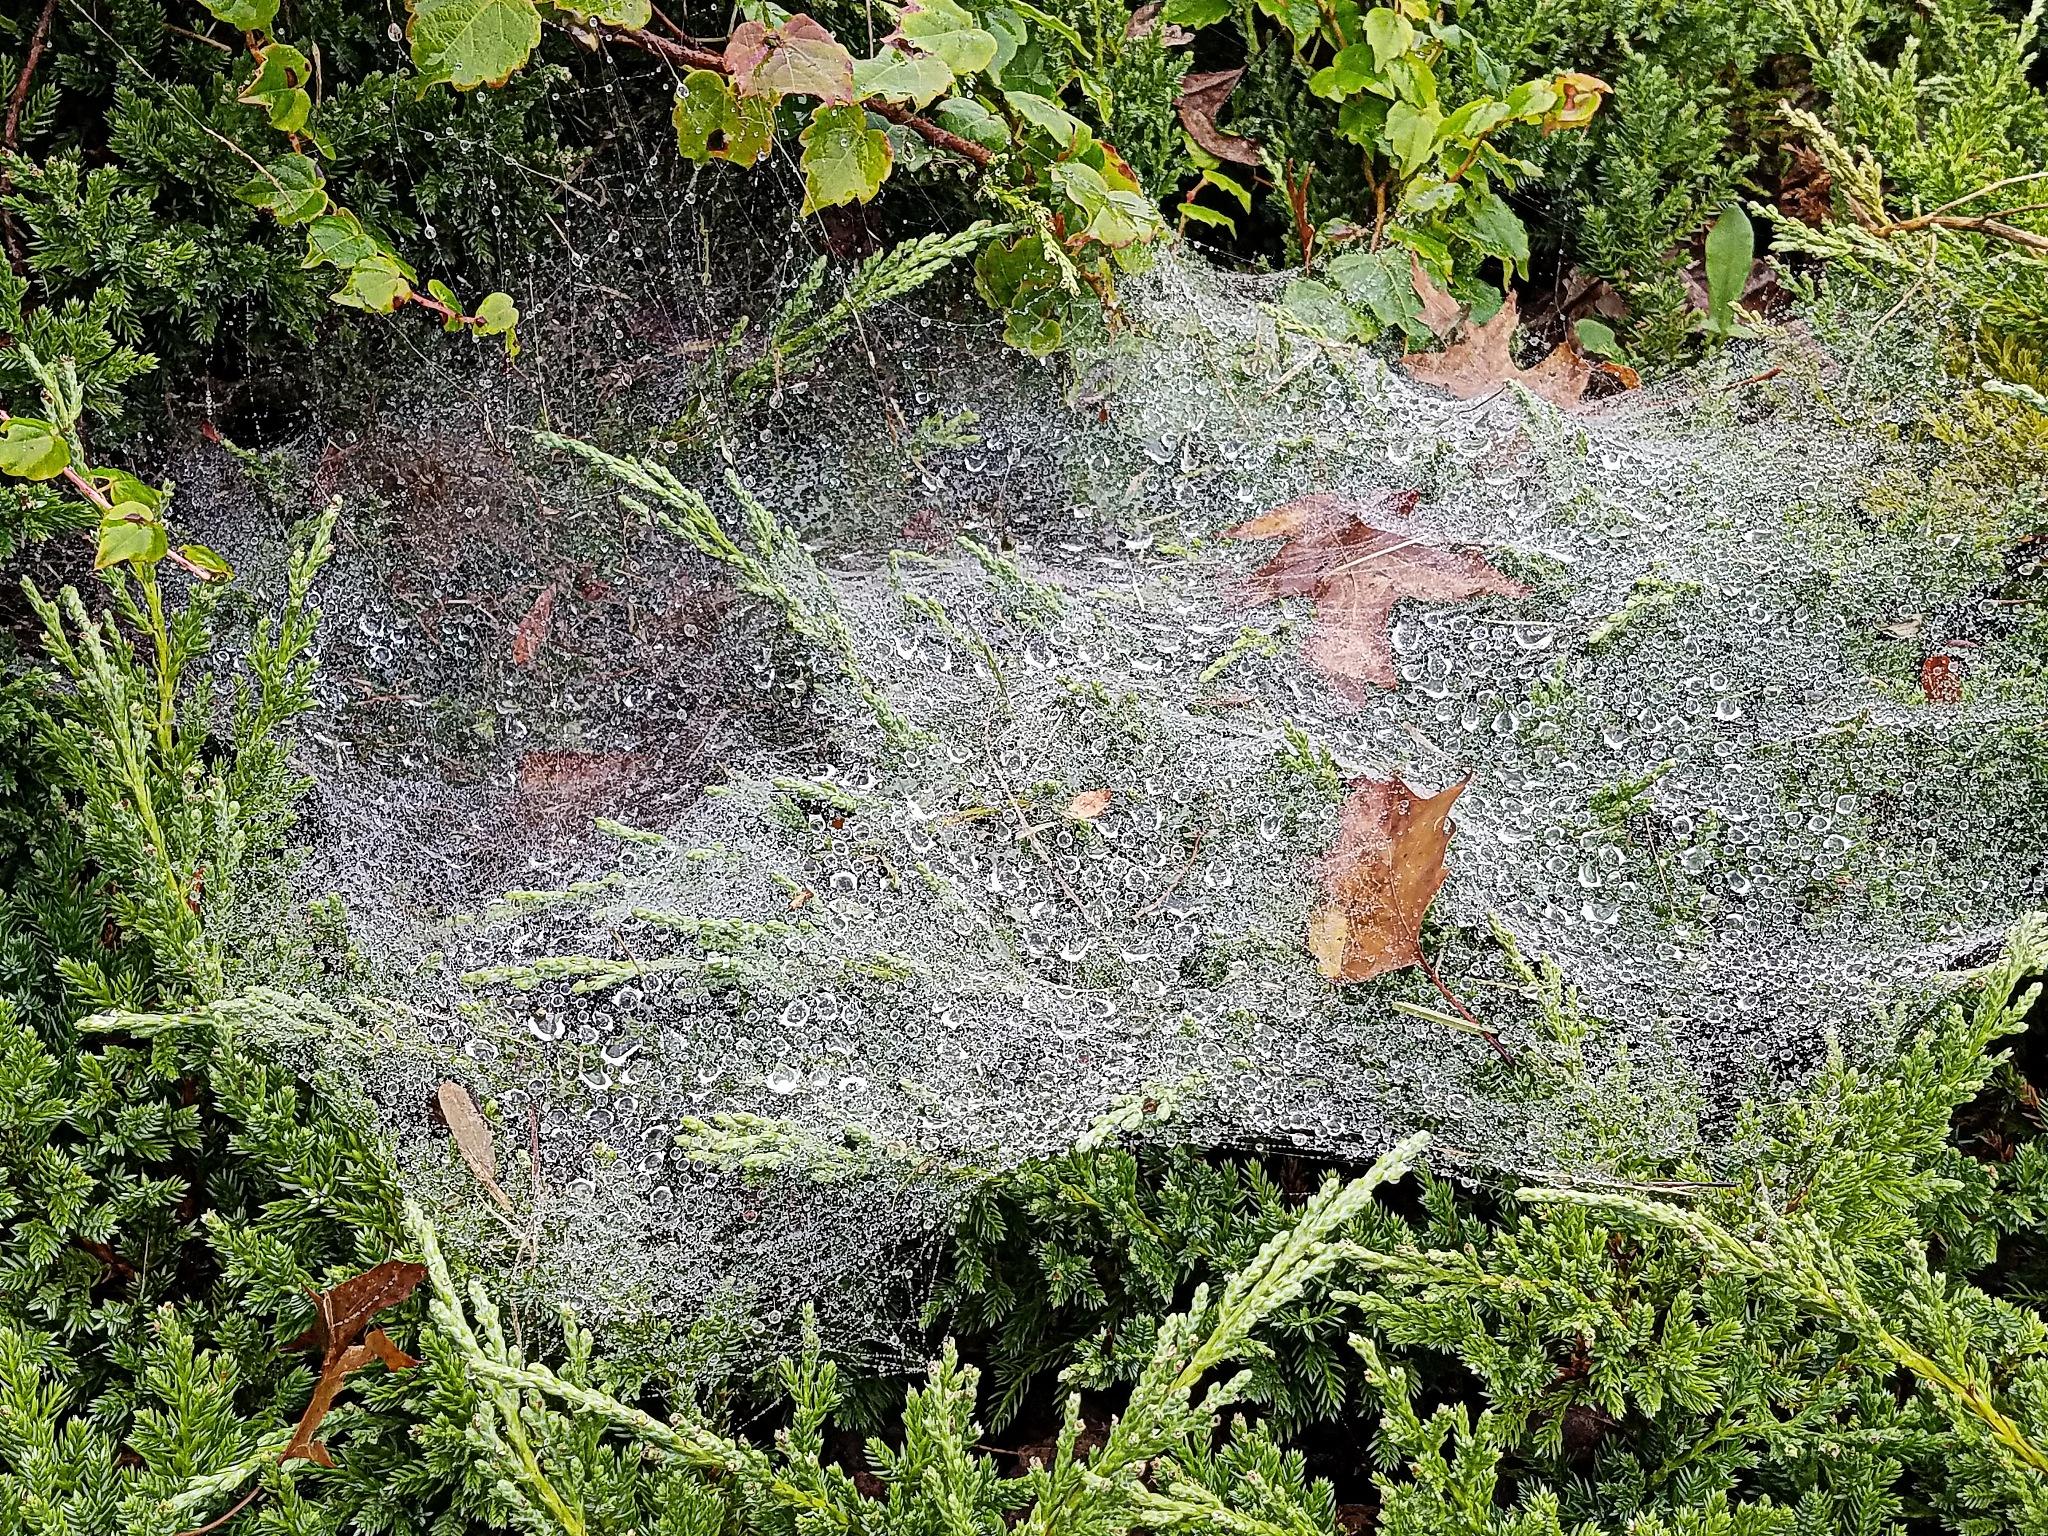 Spider Web by susanne carlton